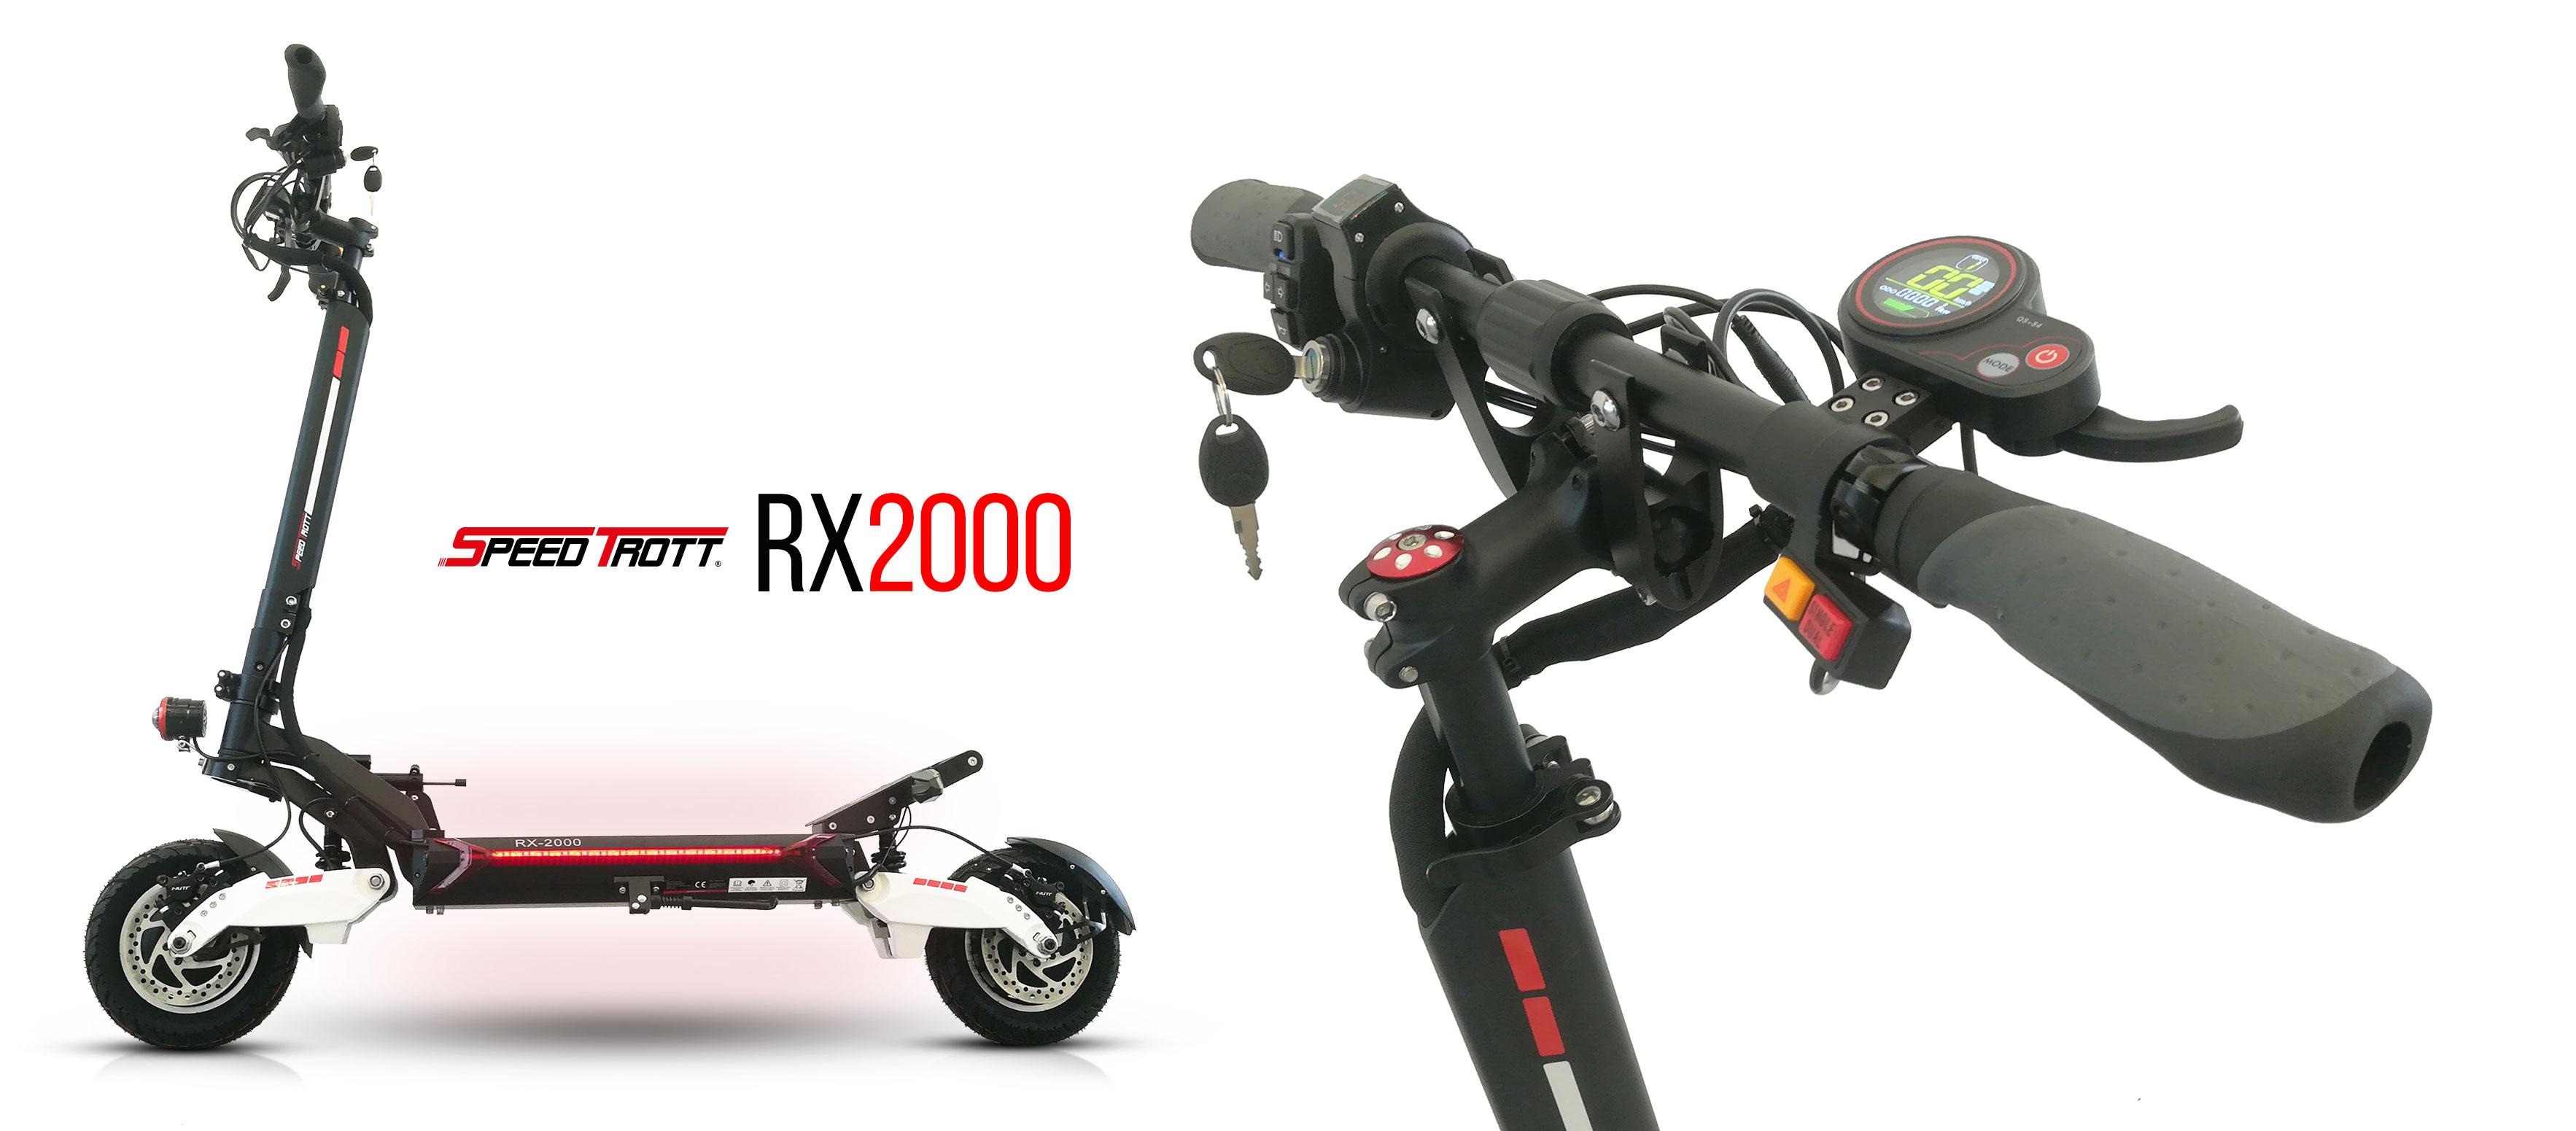 RX1000_SPEEDTROTT_05.jpg